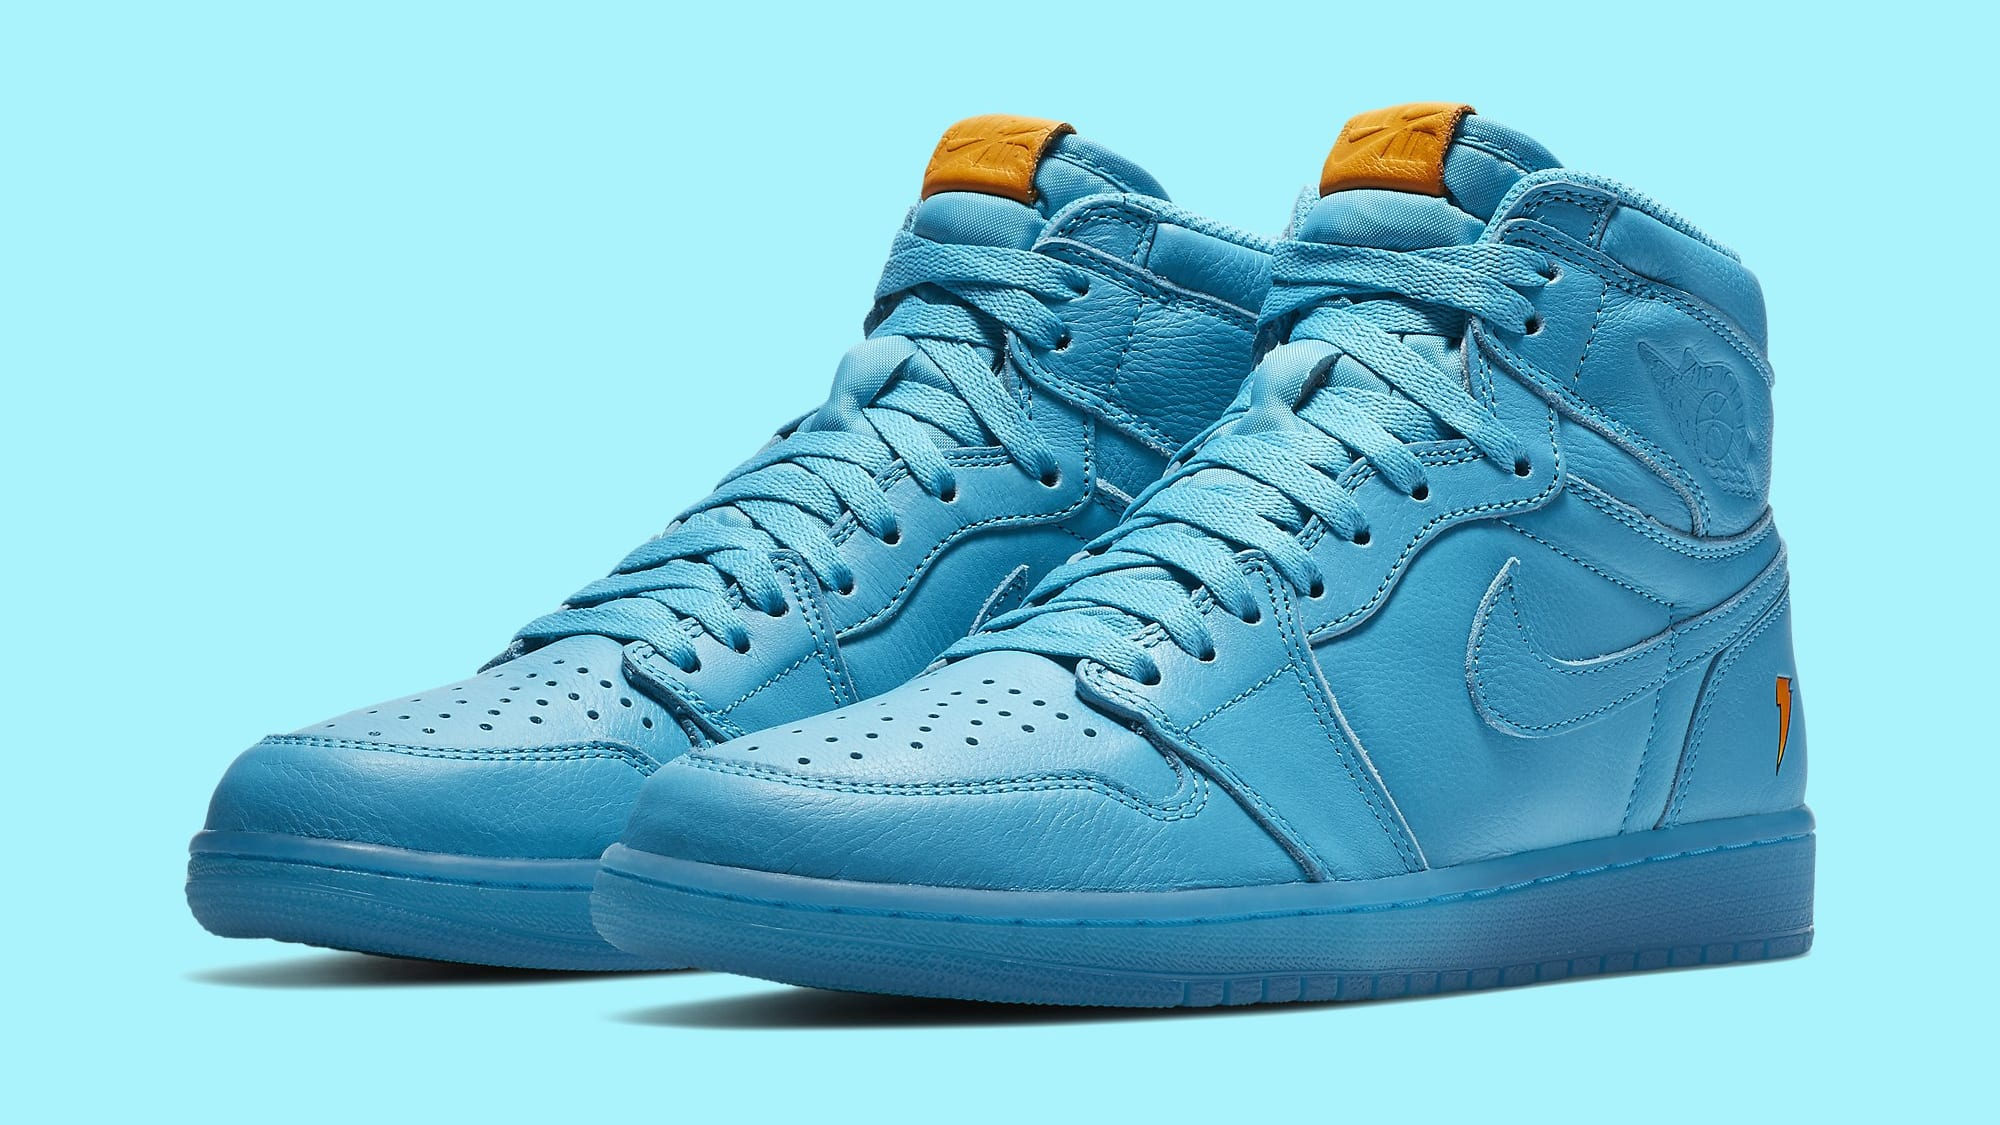 Nike/Jordan Blue Lagoon Gatorade Shoes Size 11